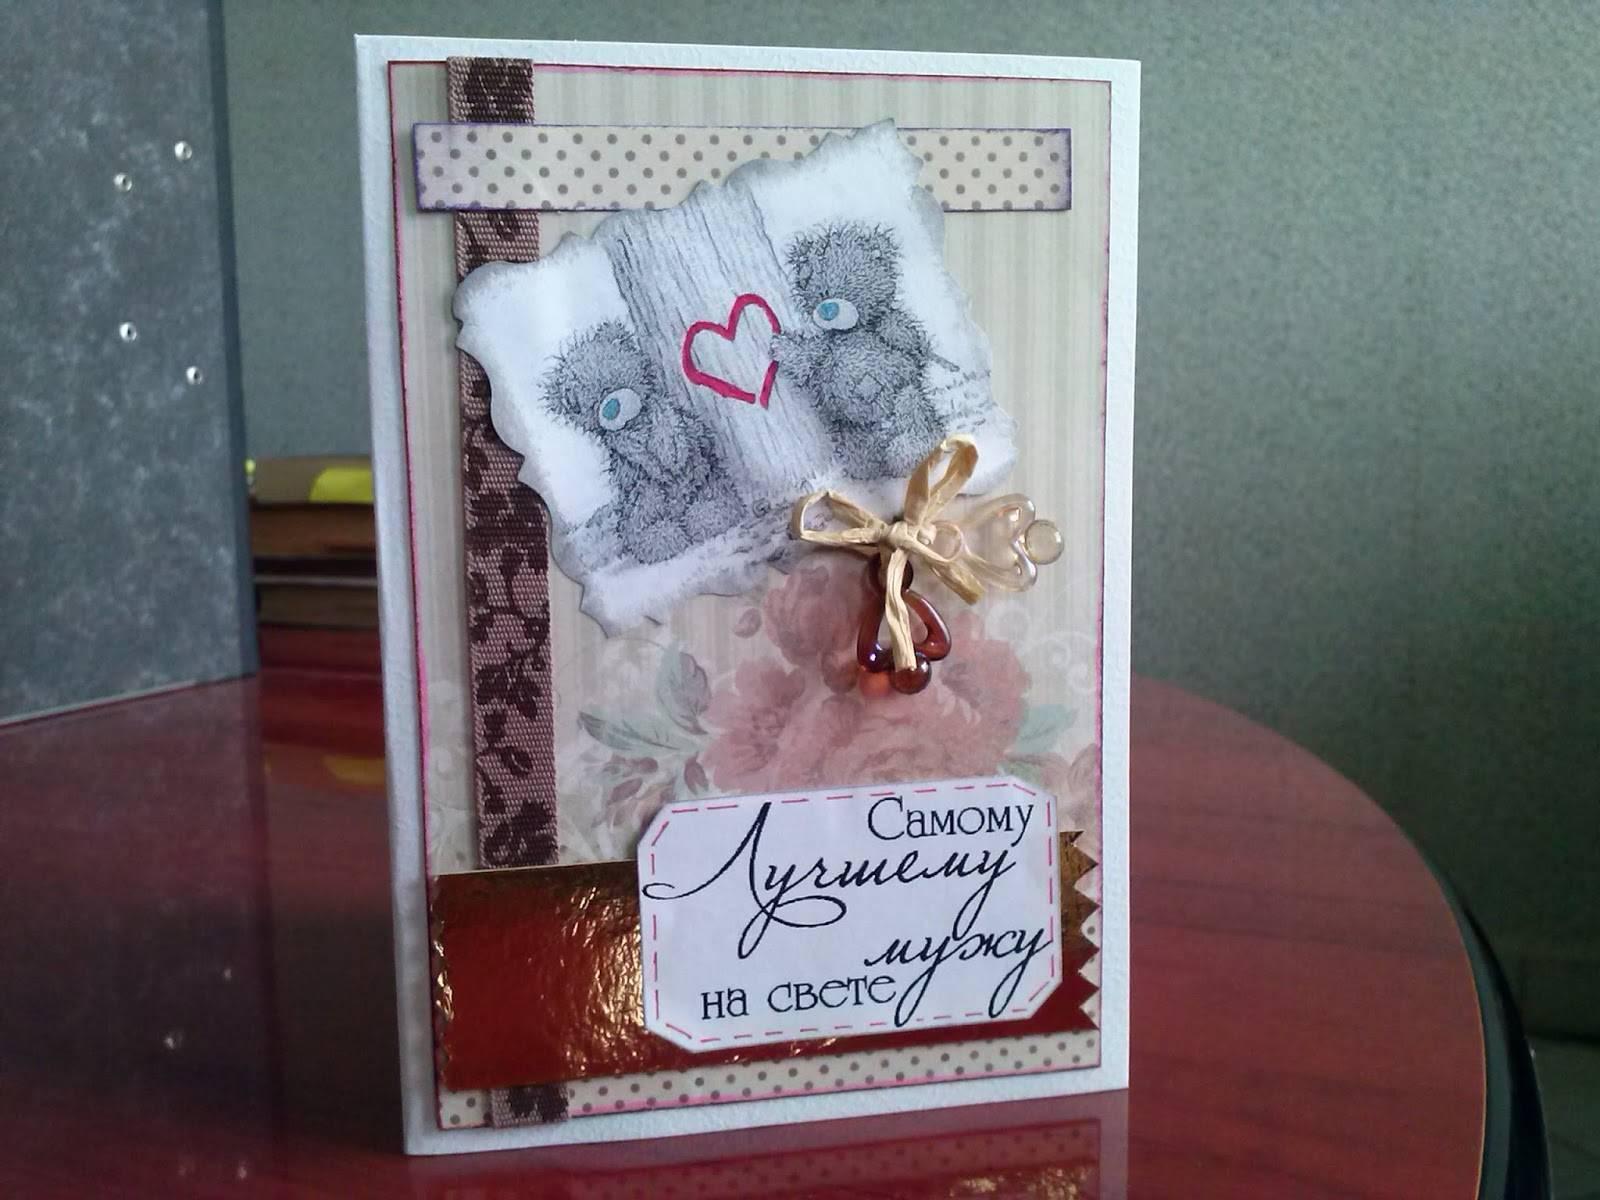 Что подарить на годовщину свадьбы мужу — по русской традиции и современному этикету